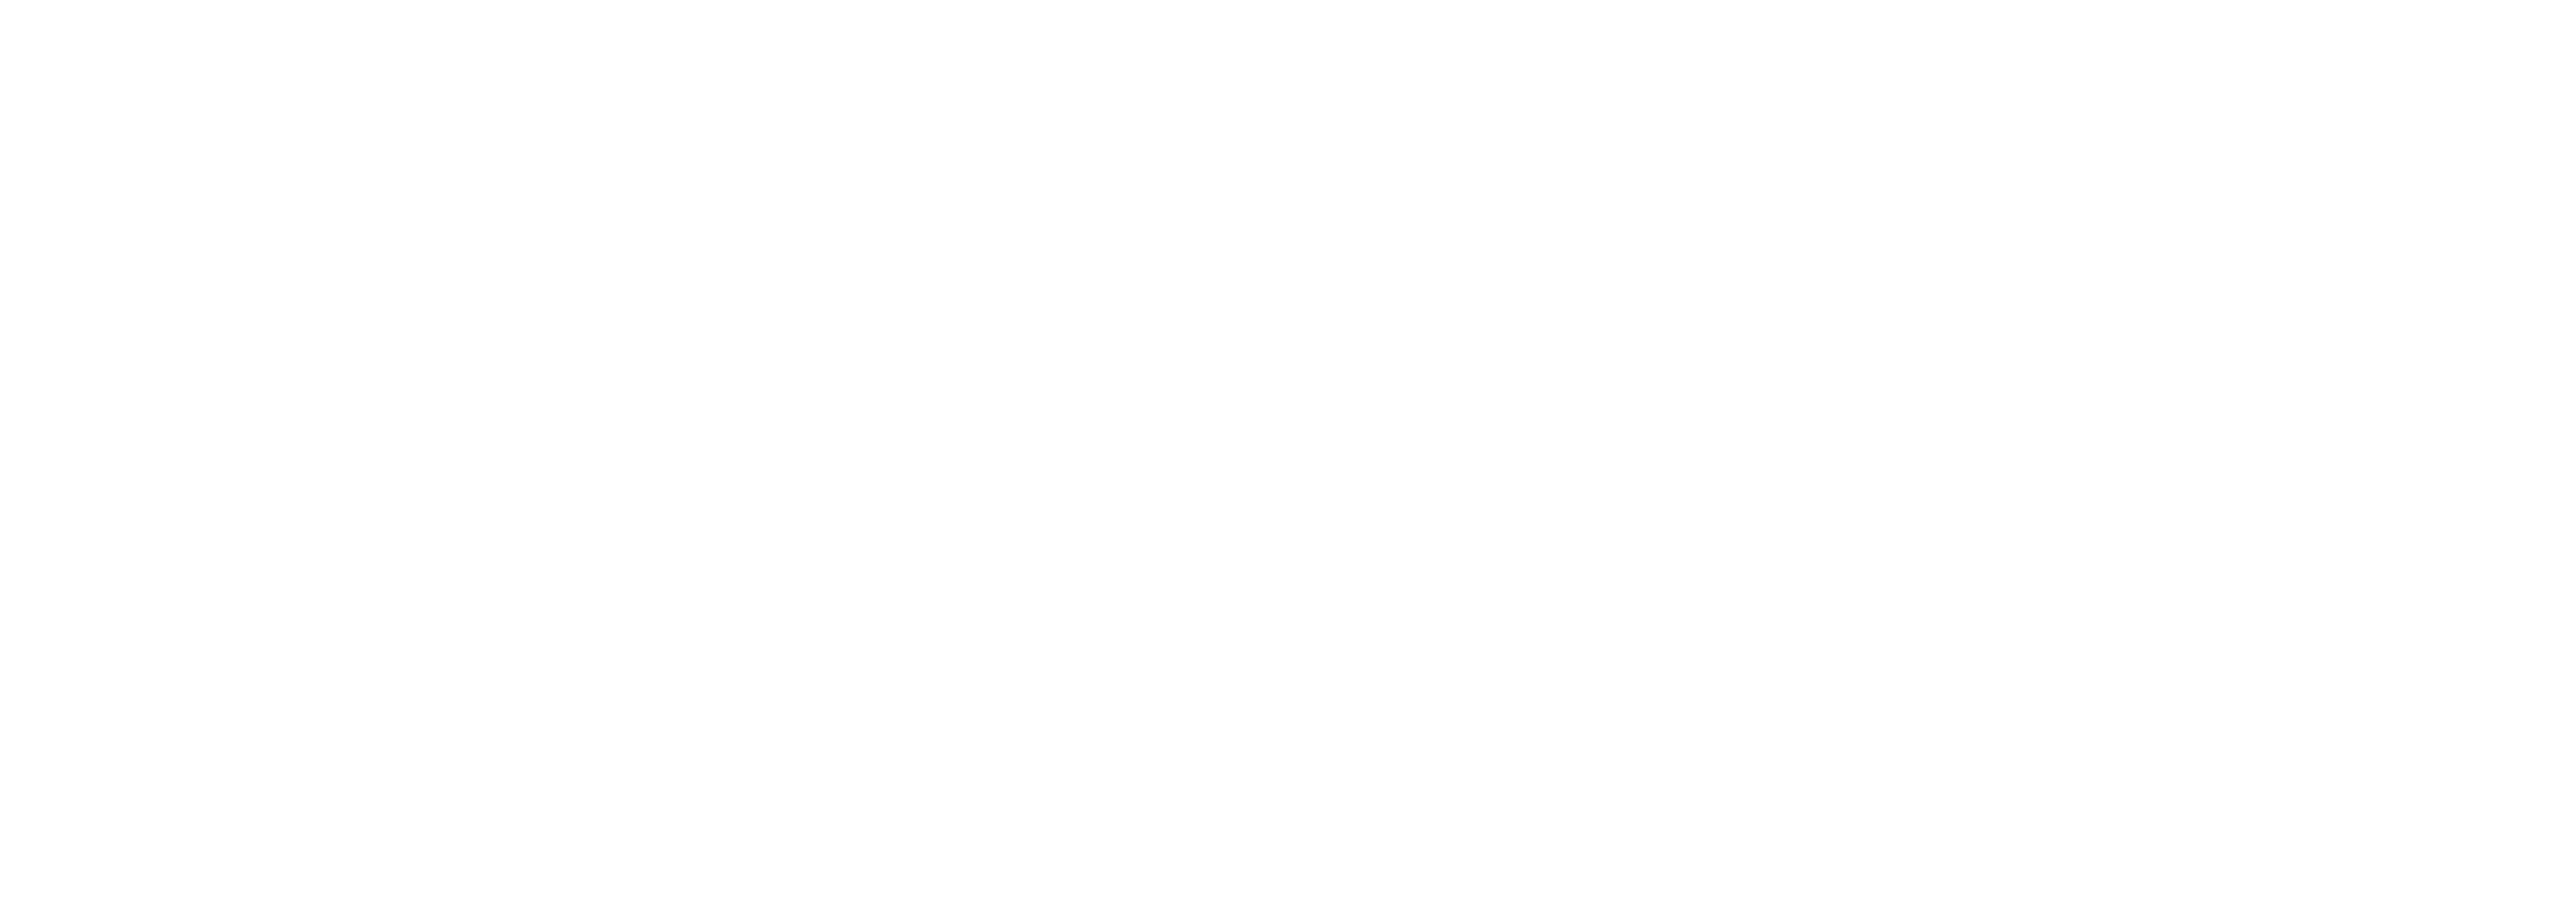 Voxpo Events